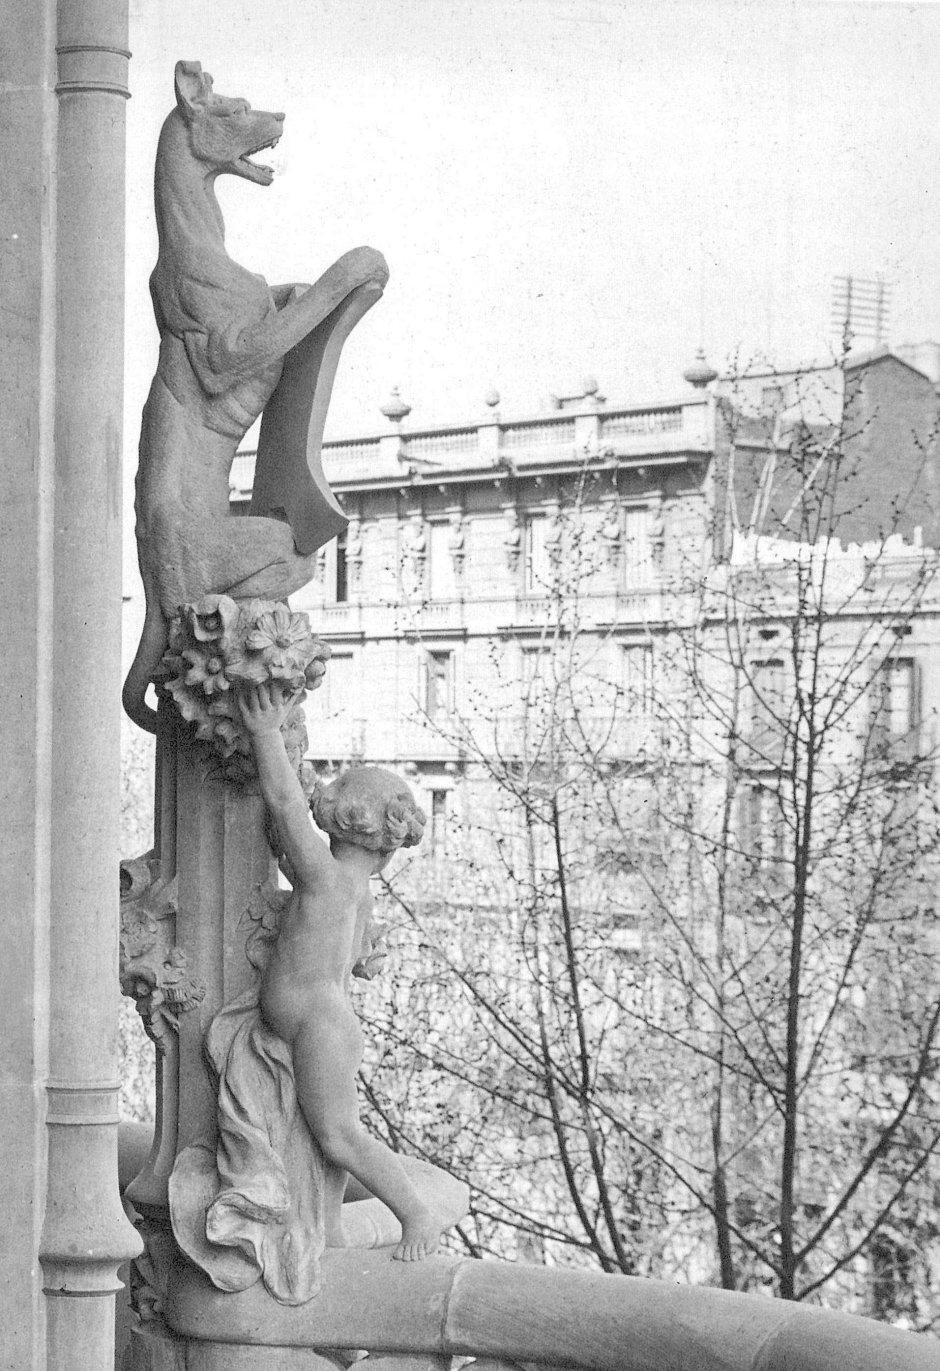 Monolito entre balcones. Fuente: Manuel García-Martín, La casa Lleó i Morera, Barcelona, Catalana de Gas, 1988, p. 58